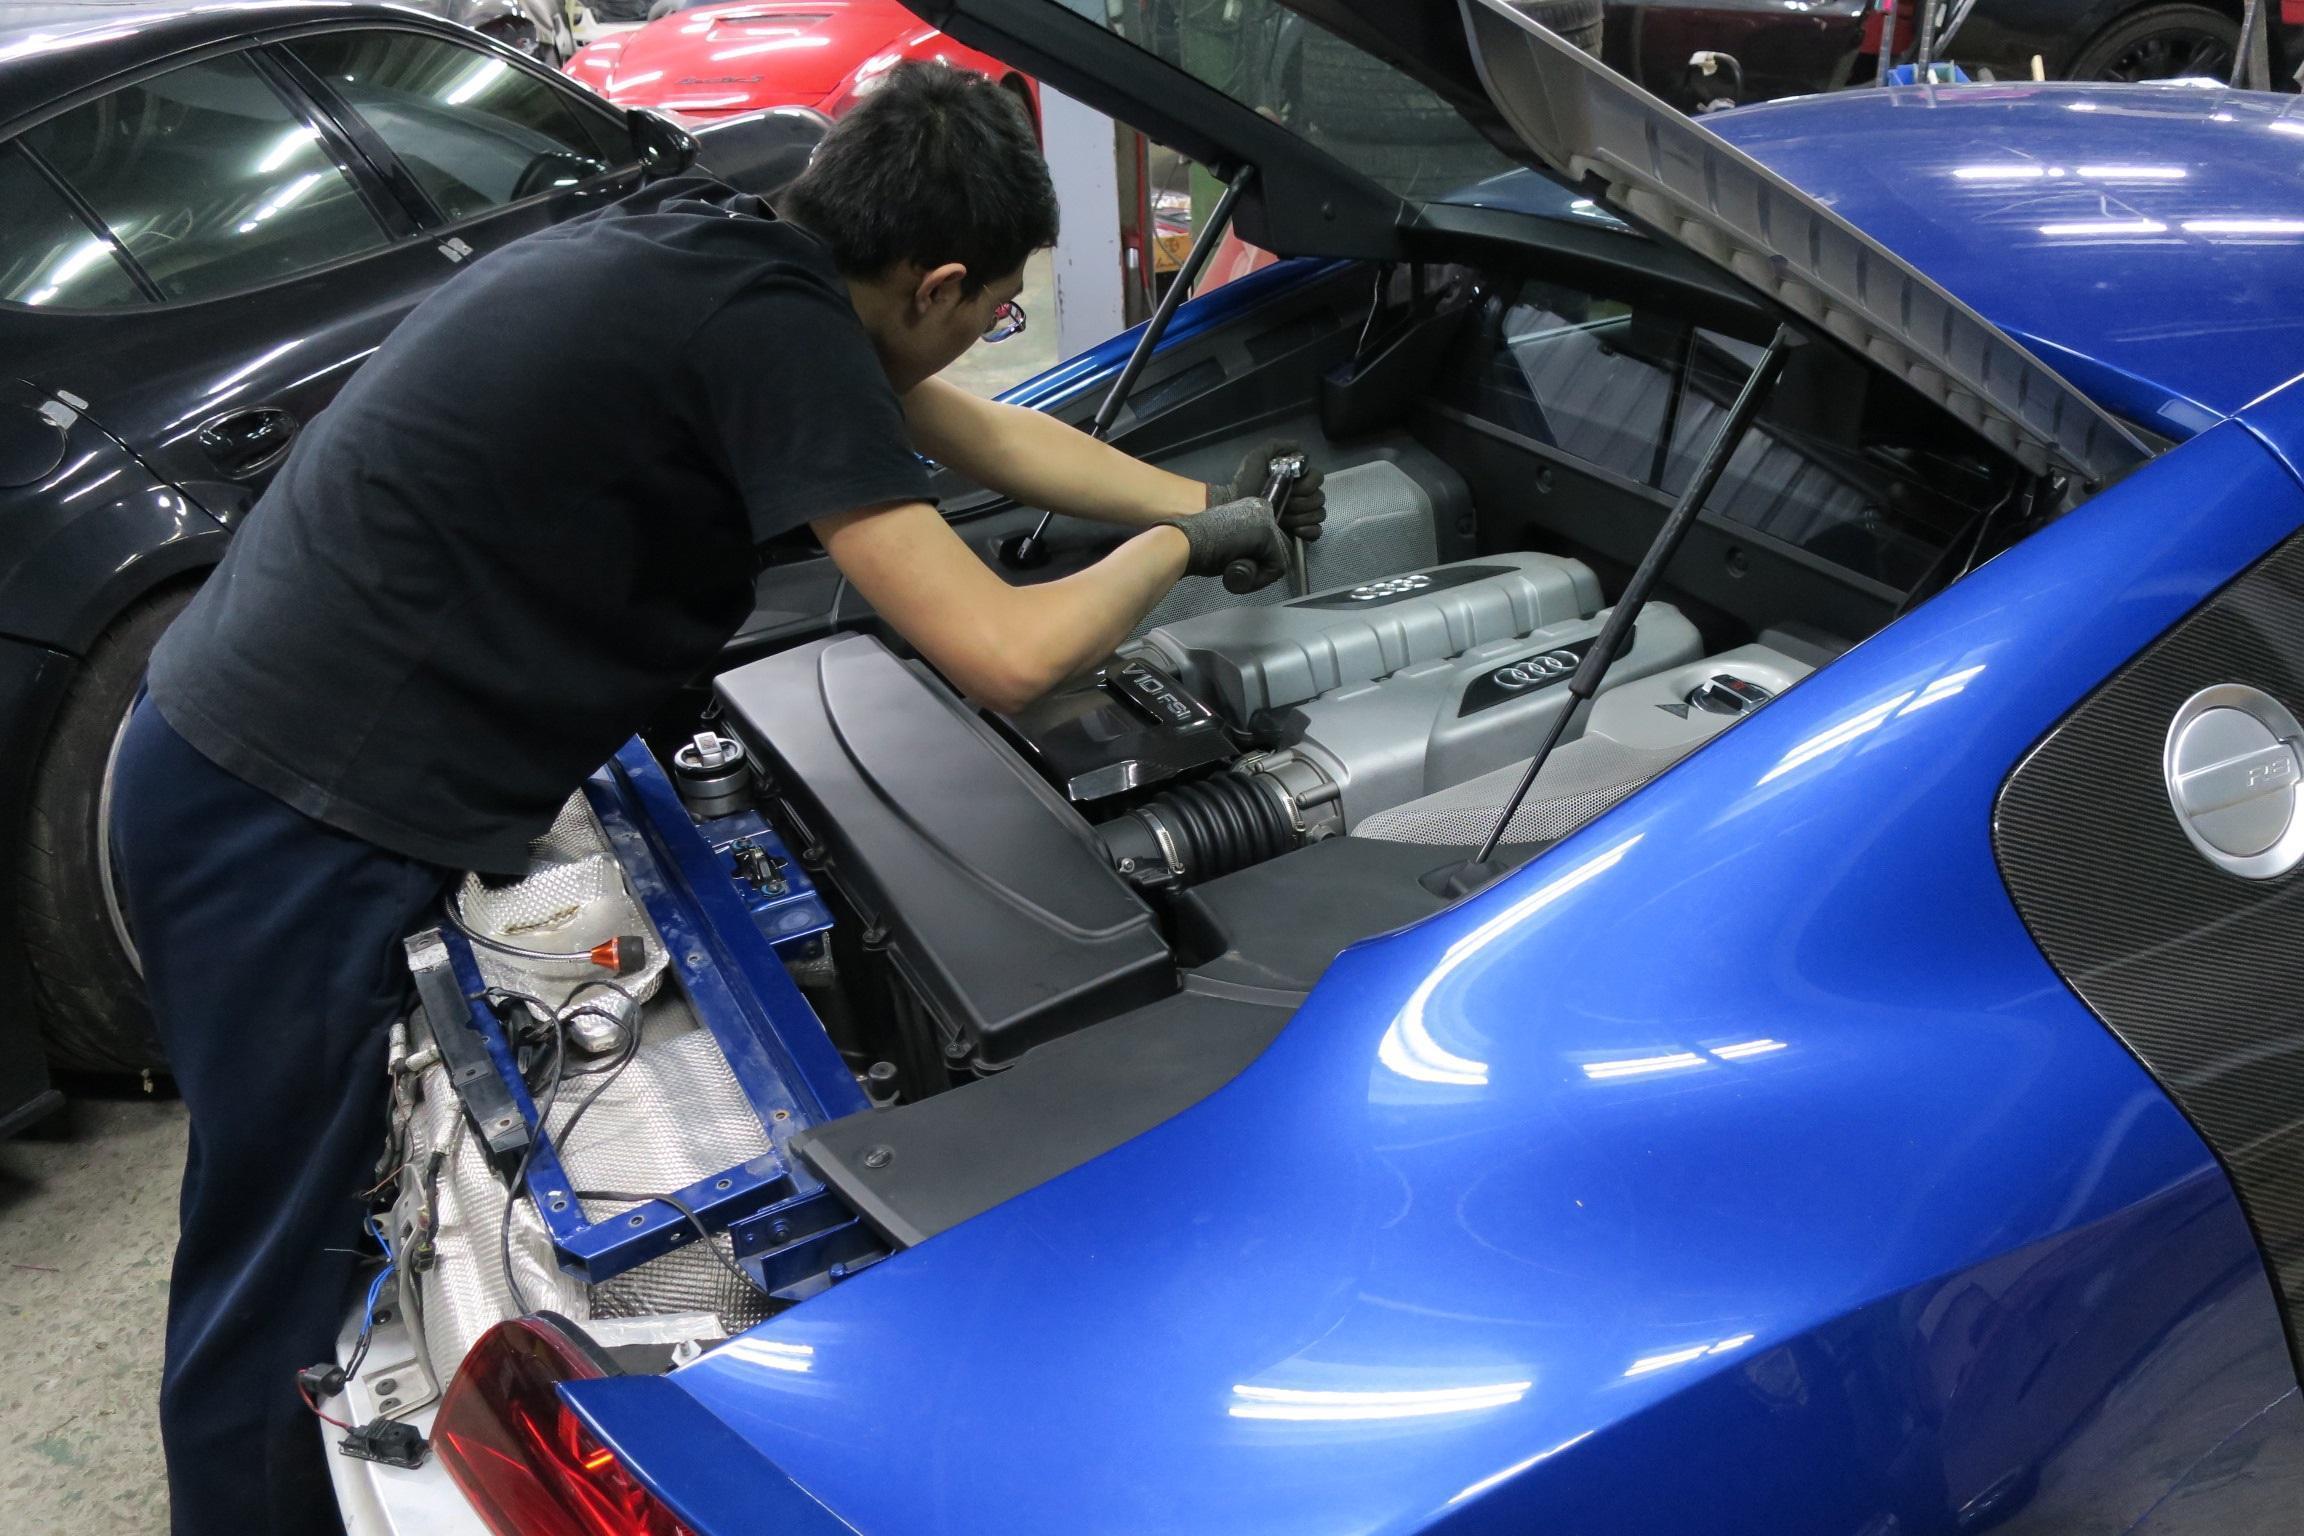 奇岩自動施工完成後還有專人進行螺絲磅數檢查,施工妥善率讓車主相當放心。